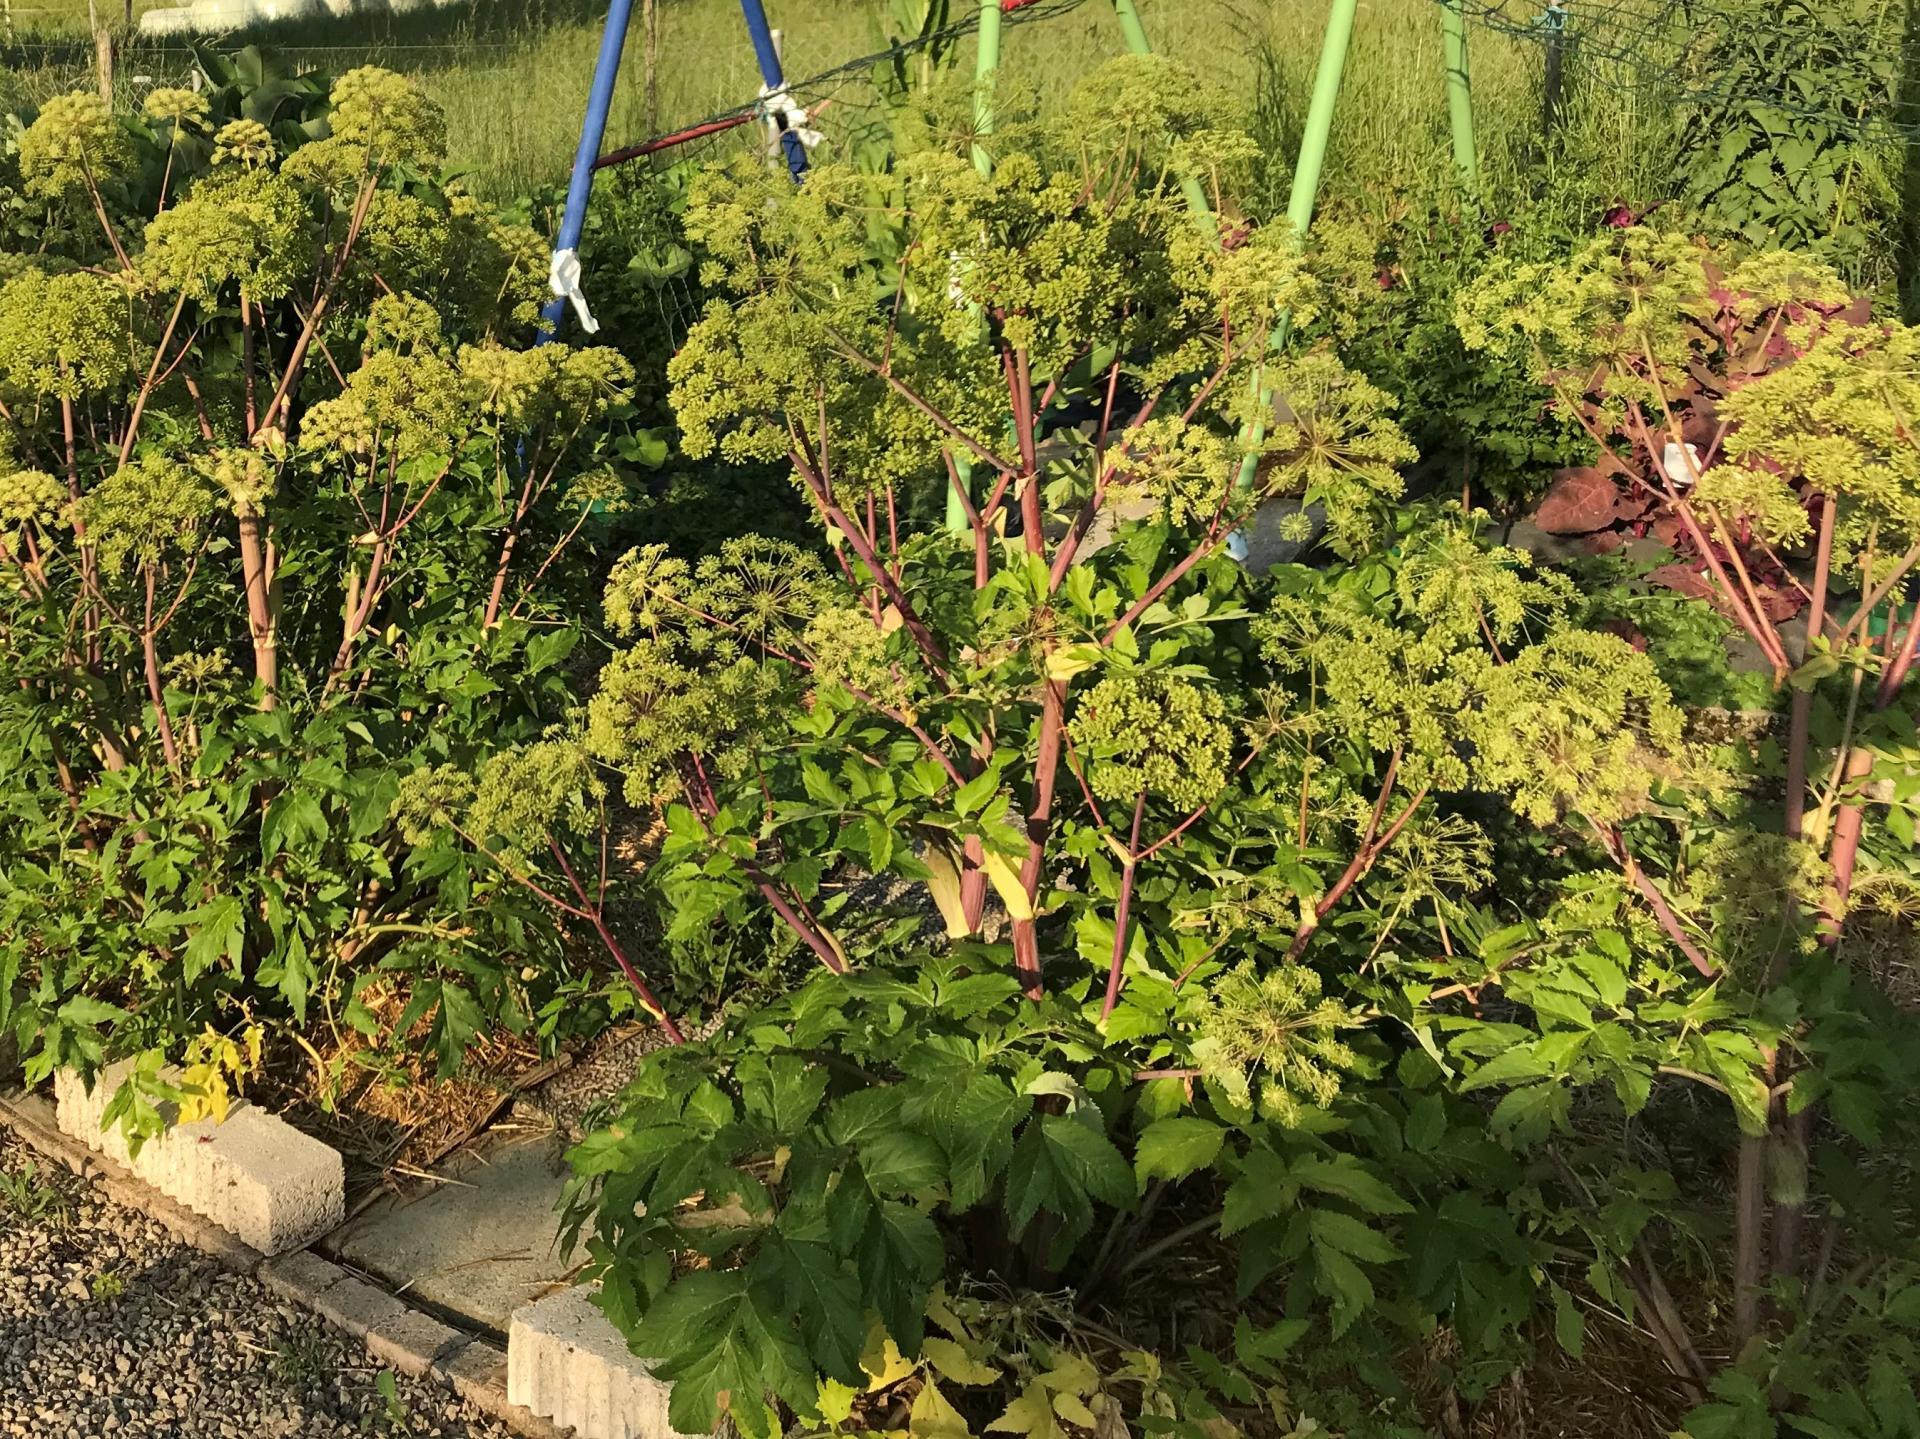 Jardinles especes angeliquearchangelique 32